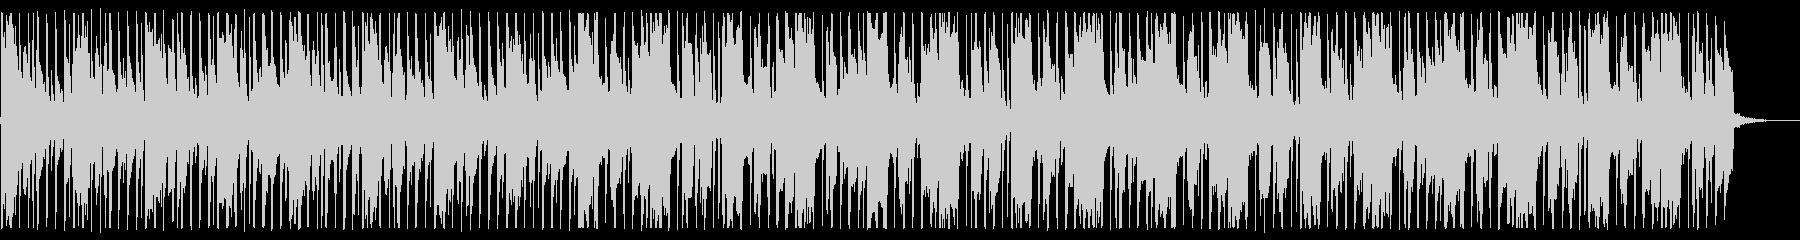 怪しげなヒップホップ_No585_3の未再生の波形